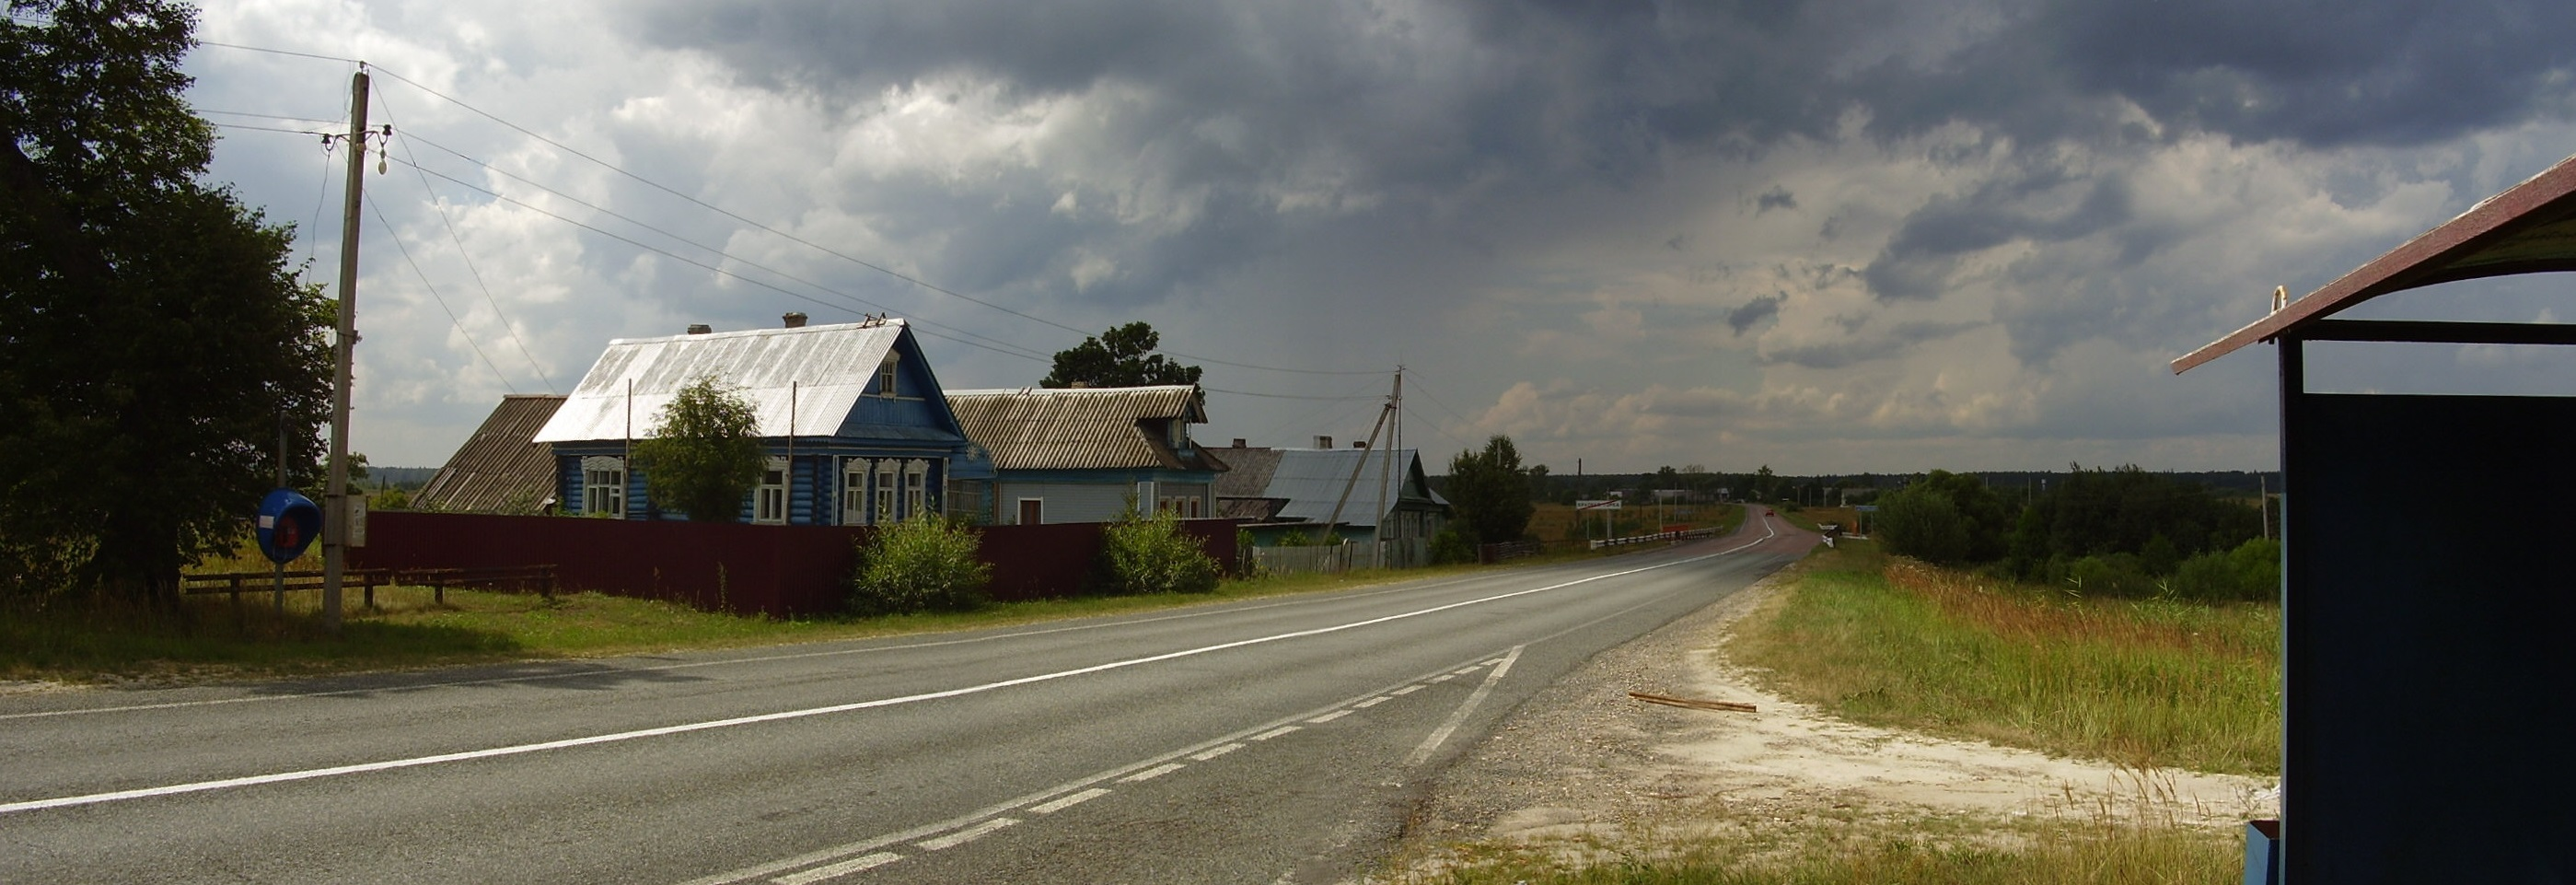 Грузоперевозки из Москвы в область Егорьевское шоссе